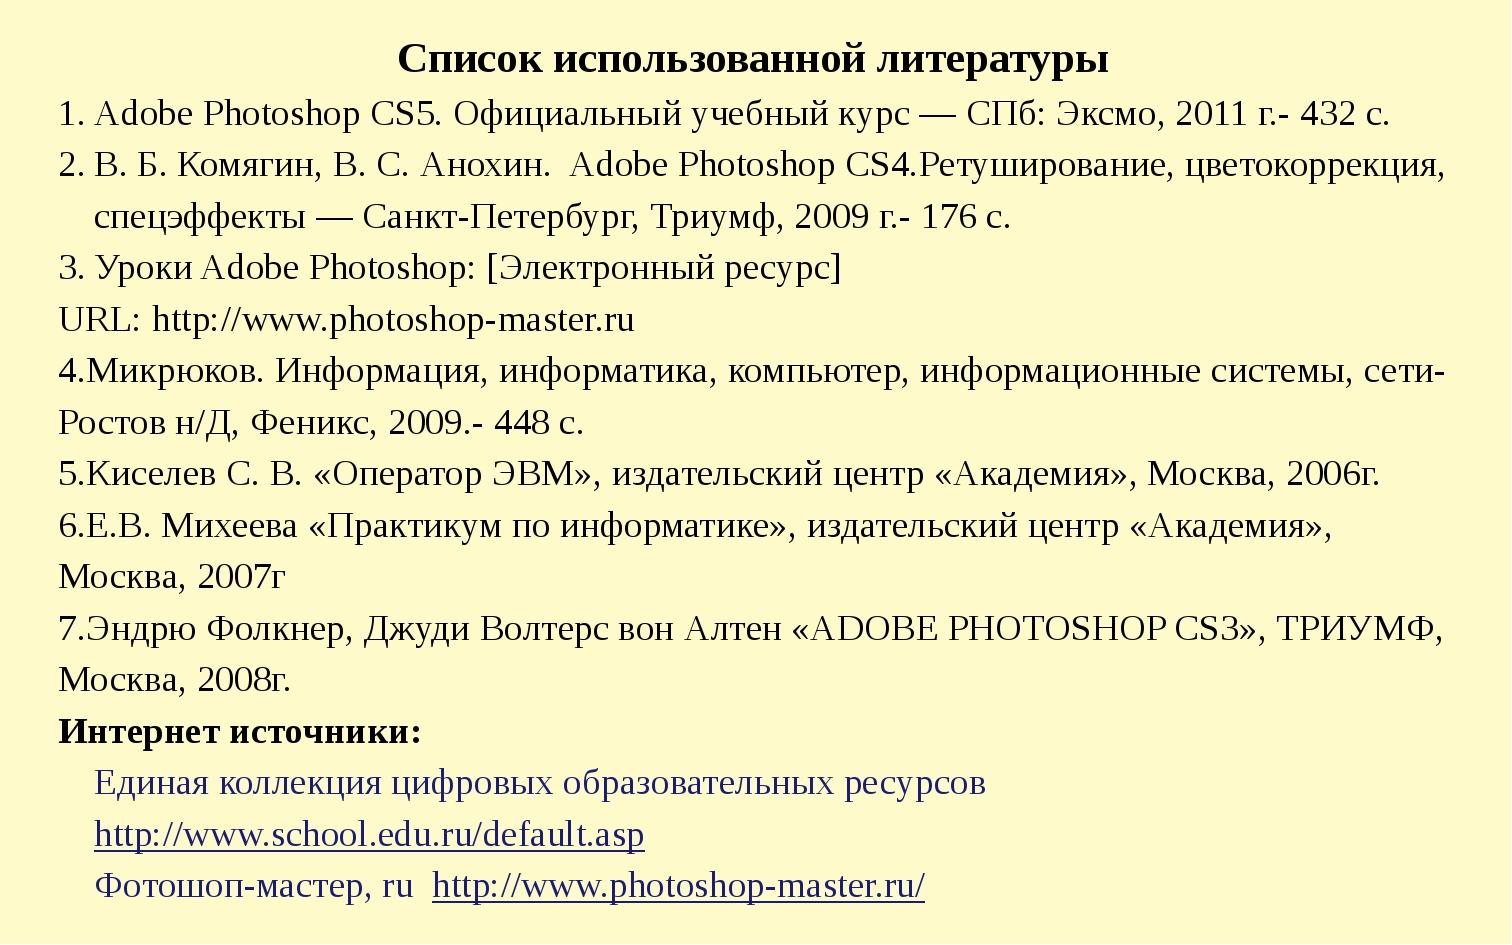 Список использованной литературы Adobe Photoshop CS5. Официальный учебный кур...